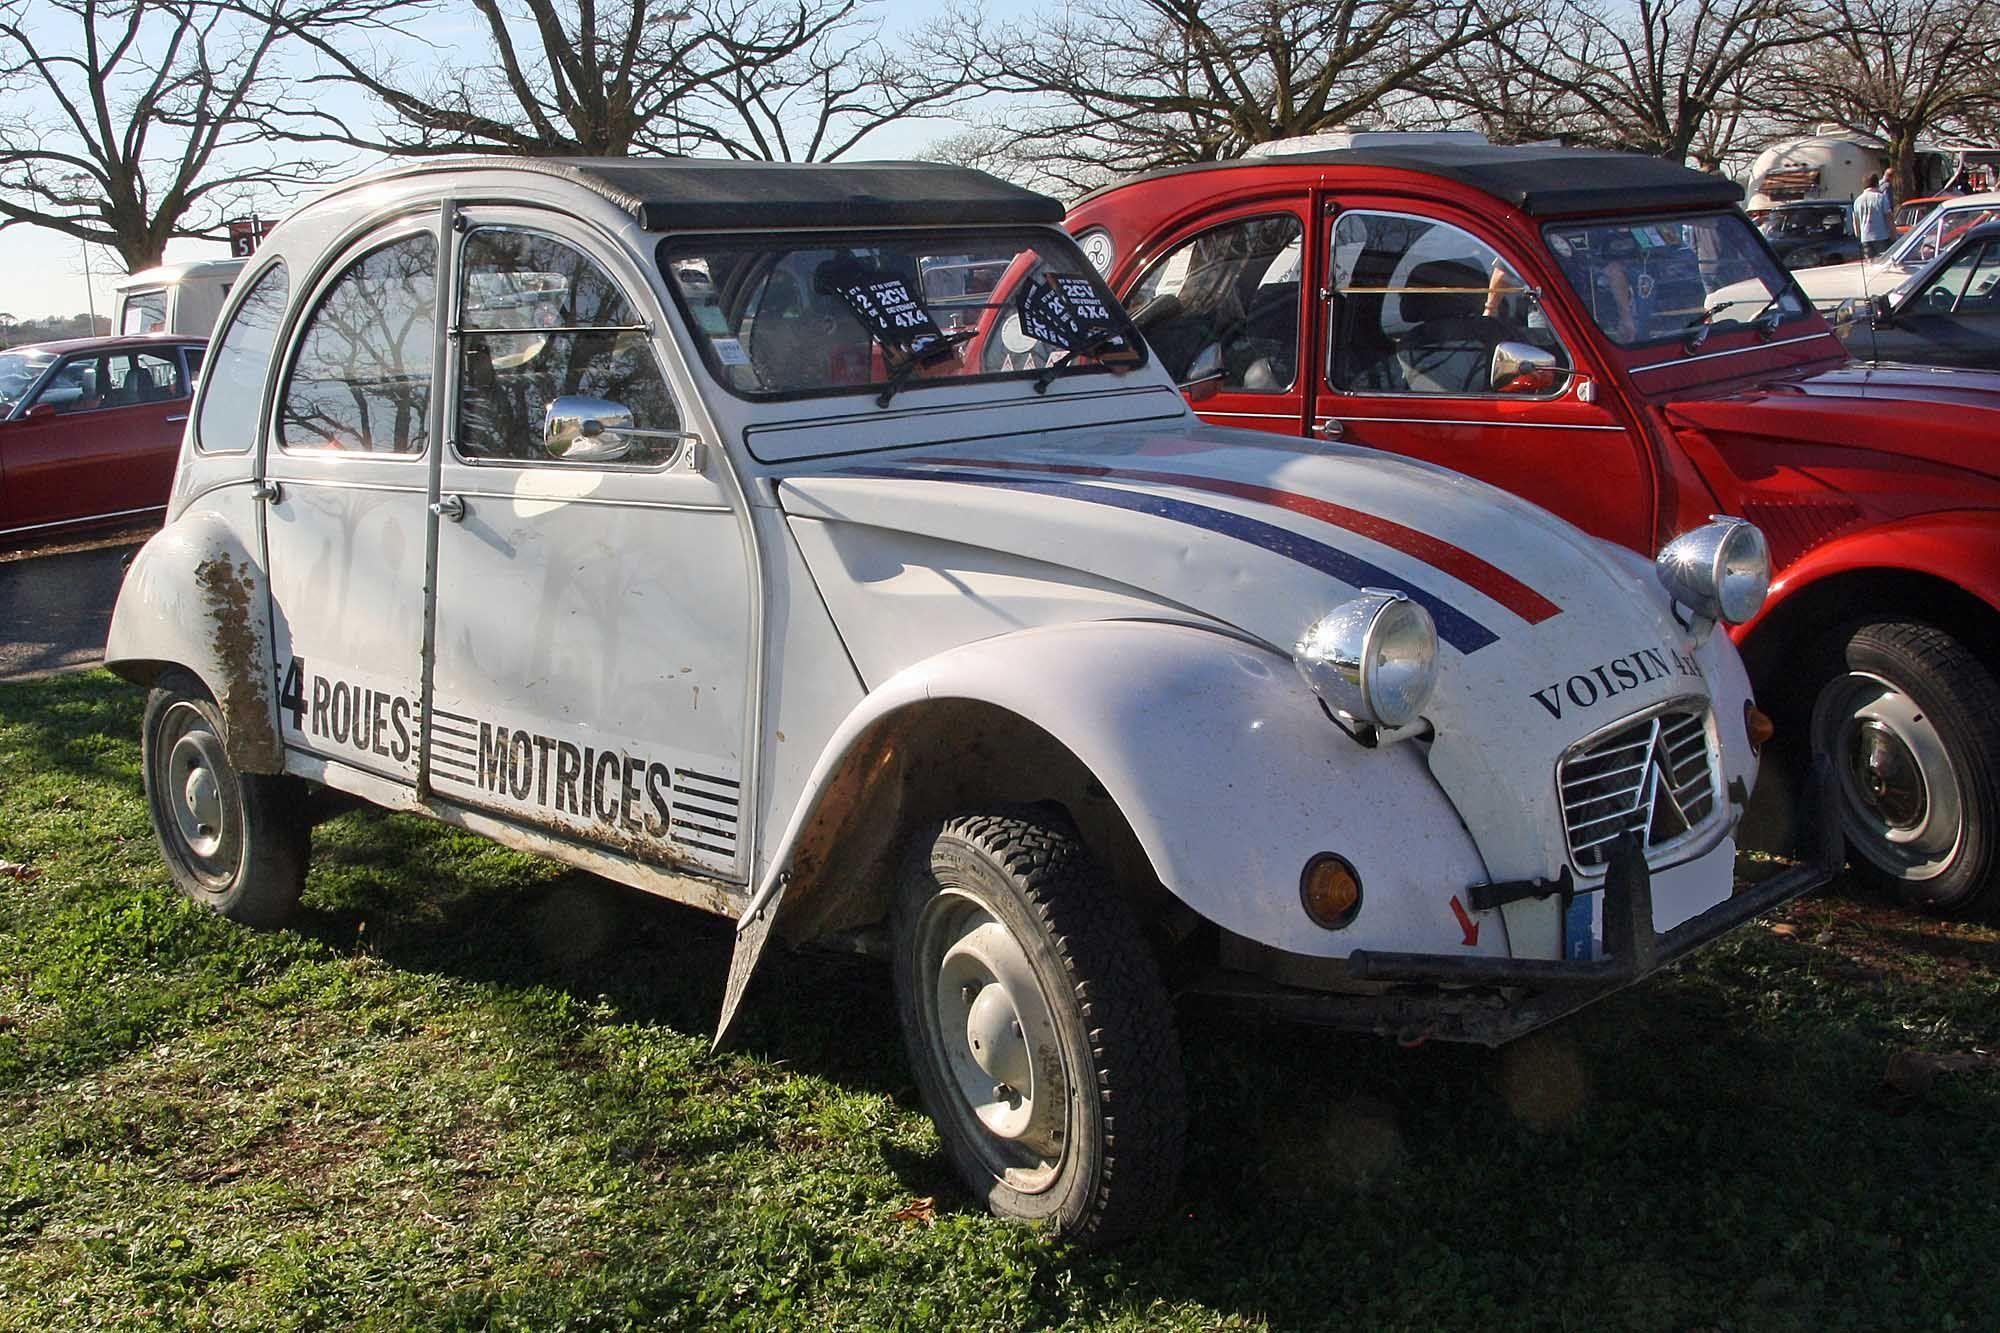 Citroën 2cv 4x4 Voisin La 4x4 Voisin Type Mine AZKA 4x4